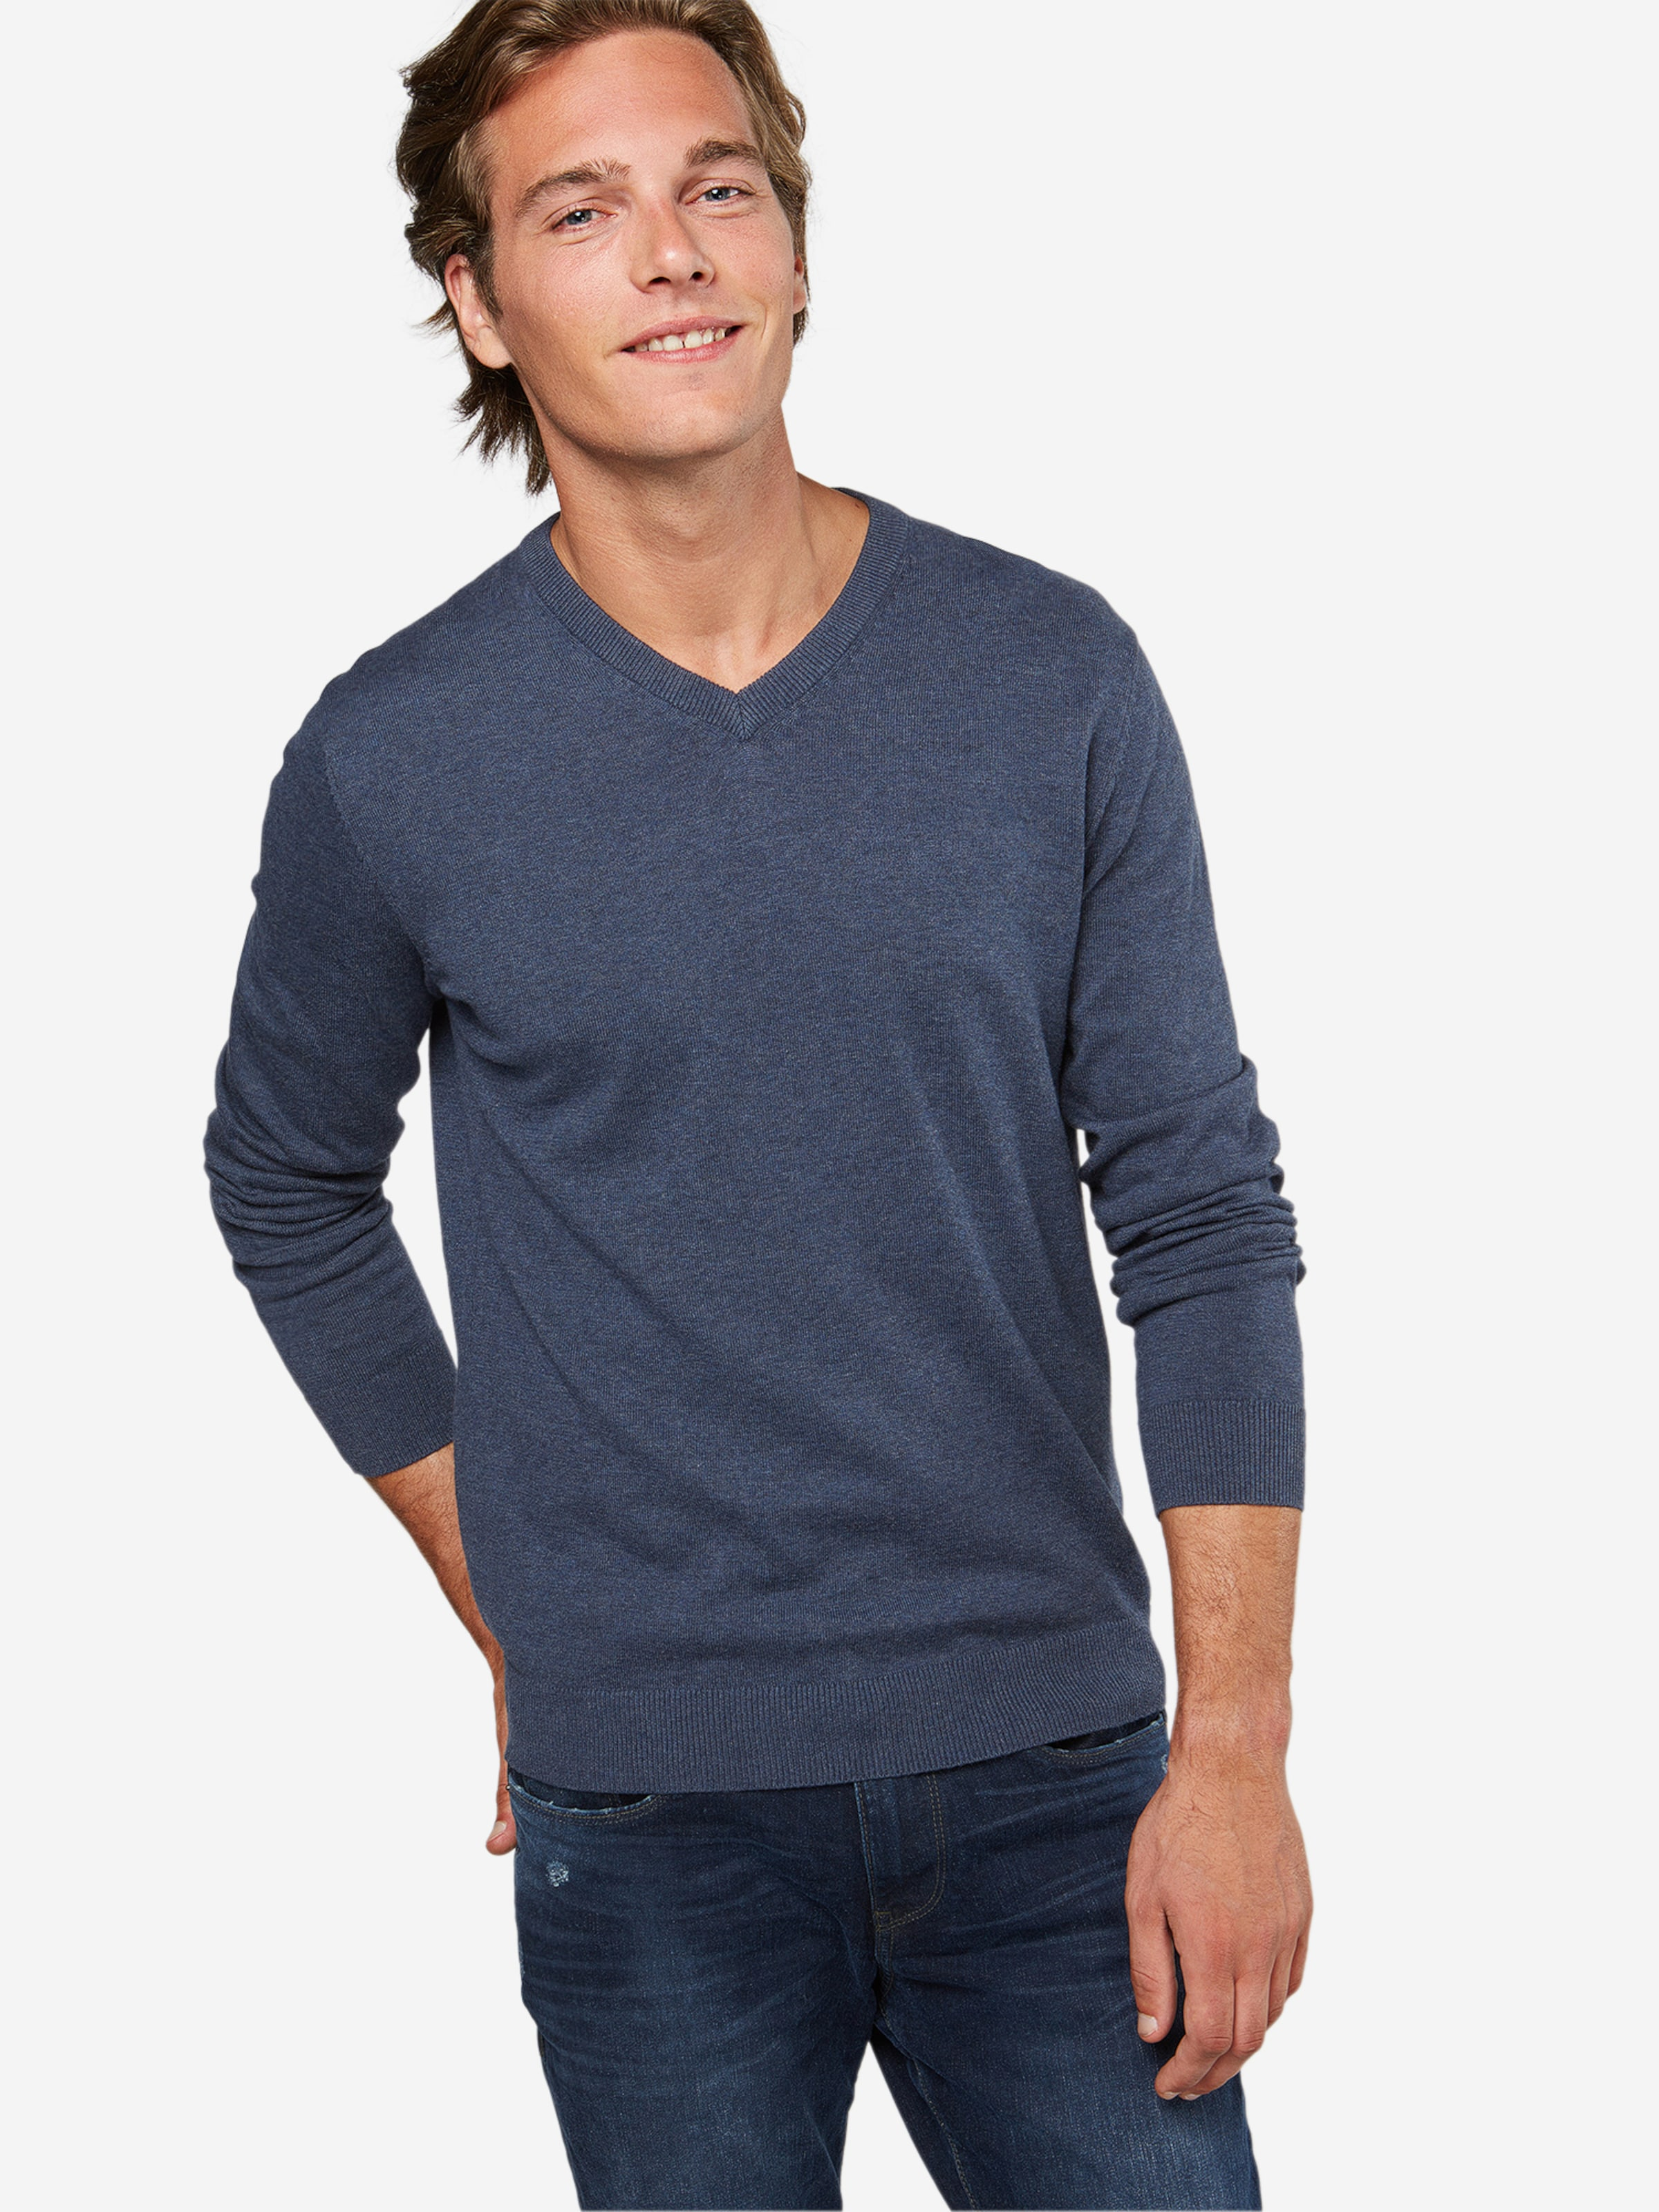 Billig Original ESPRIT Pullover 'Basic CO V-nk' Rabatt Shop-Angebot DGtEj5oZF6